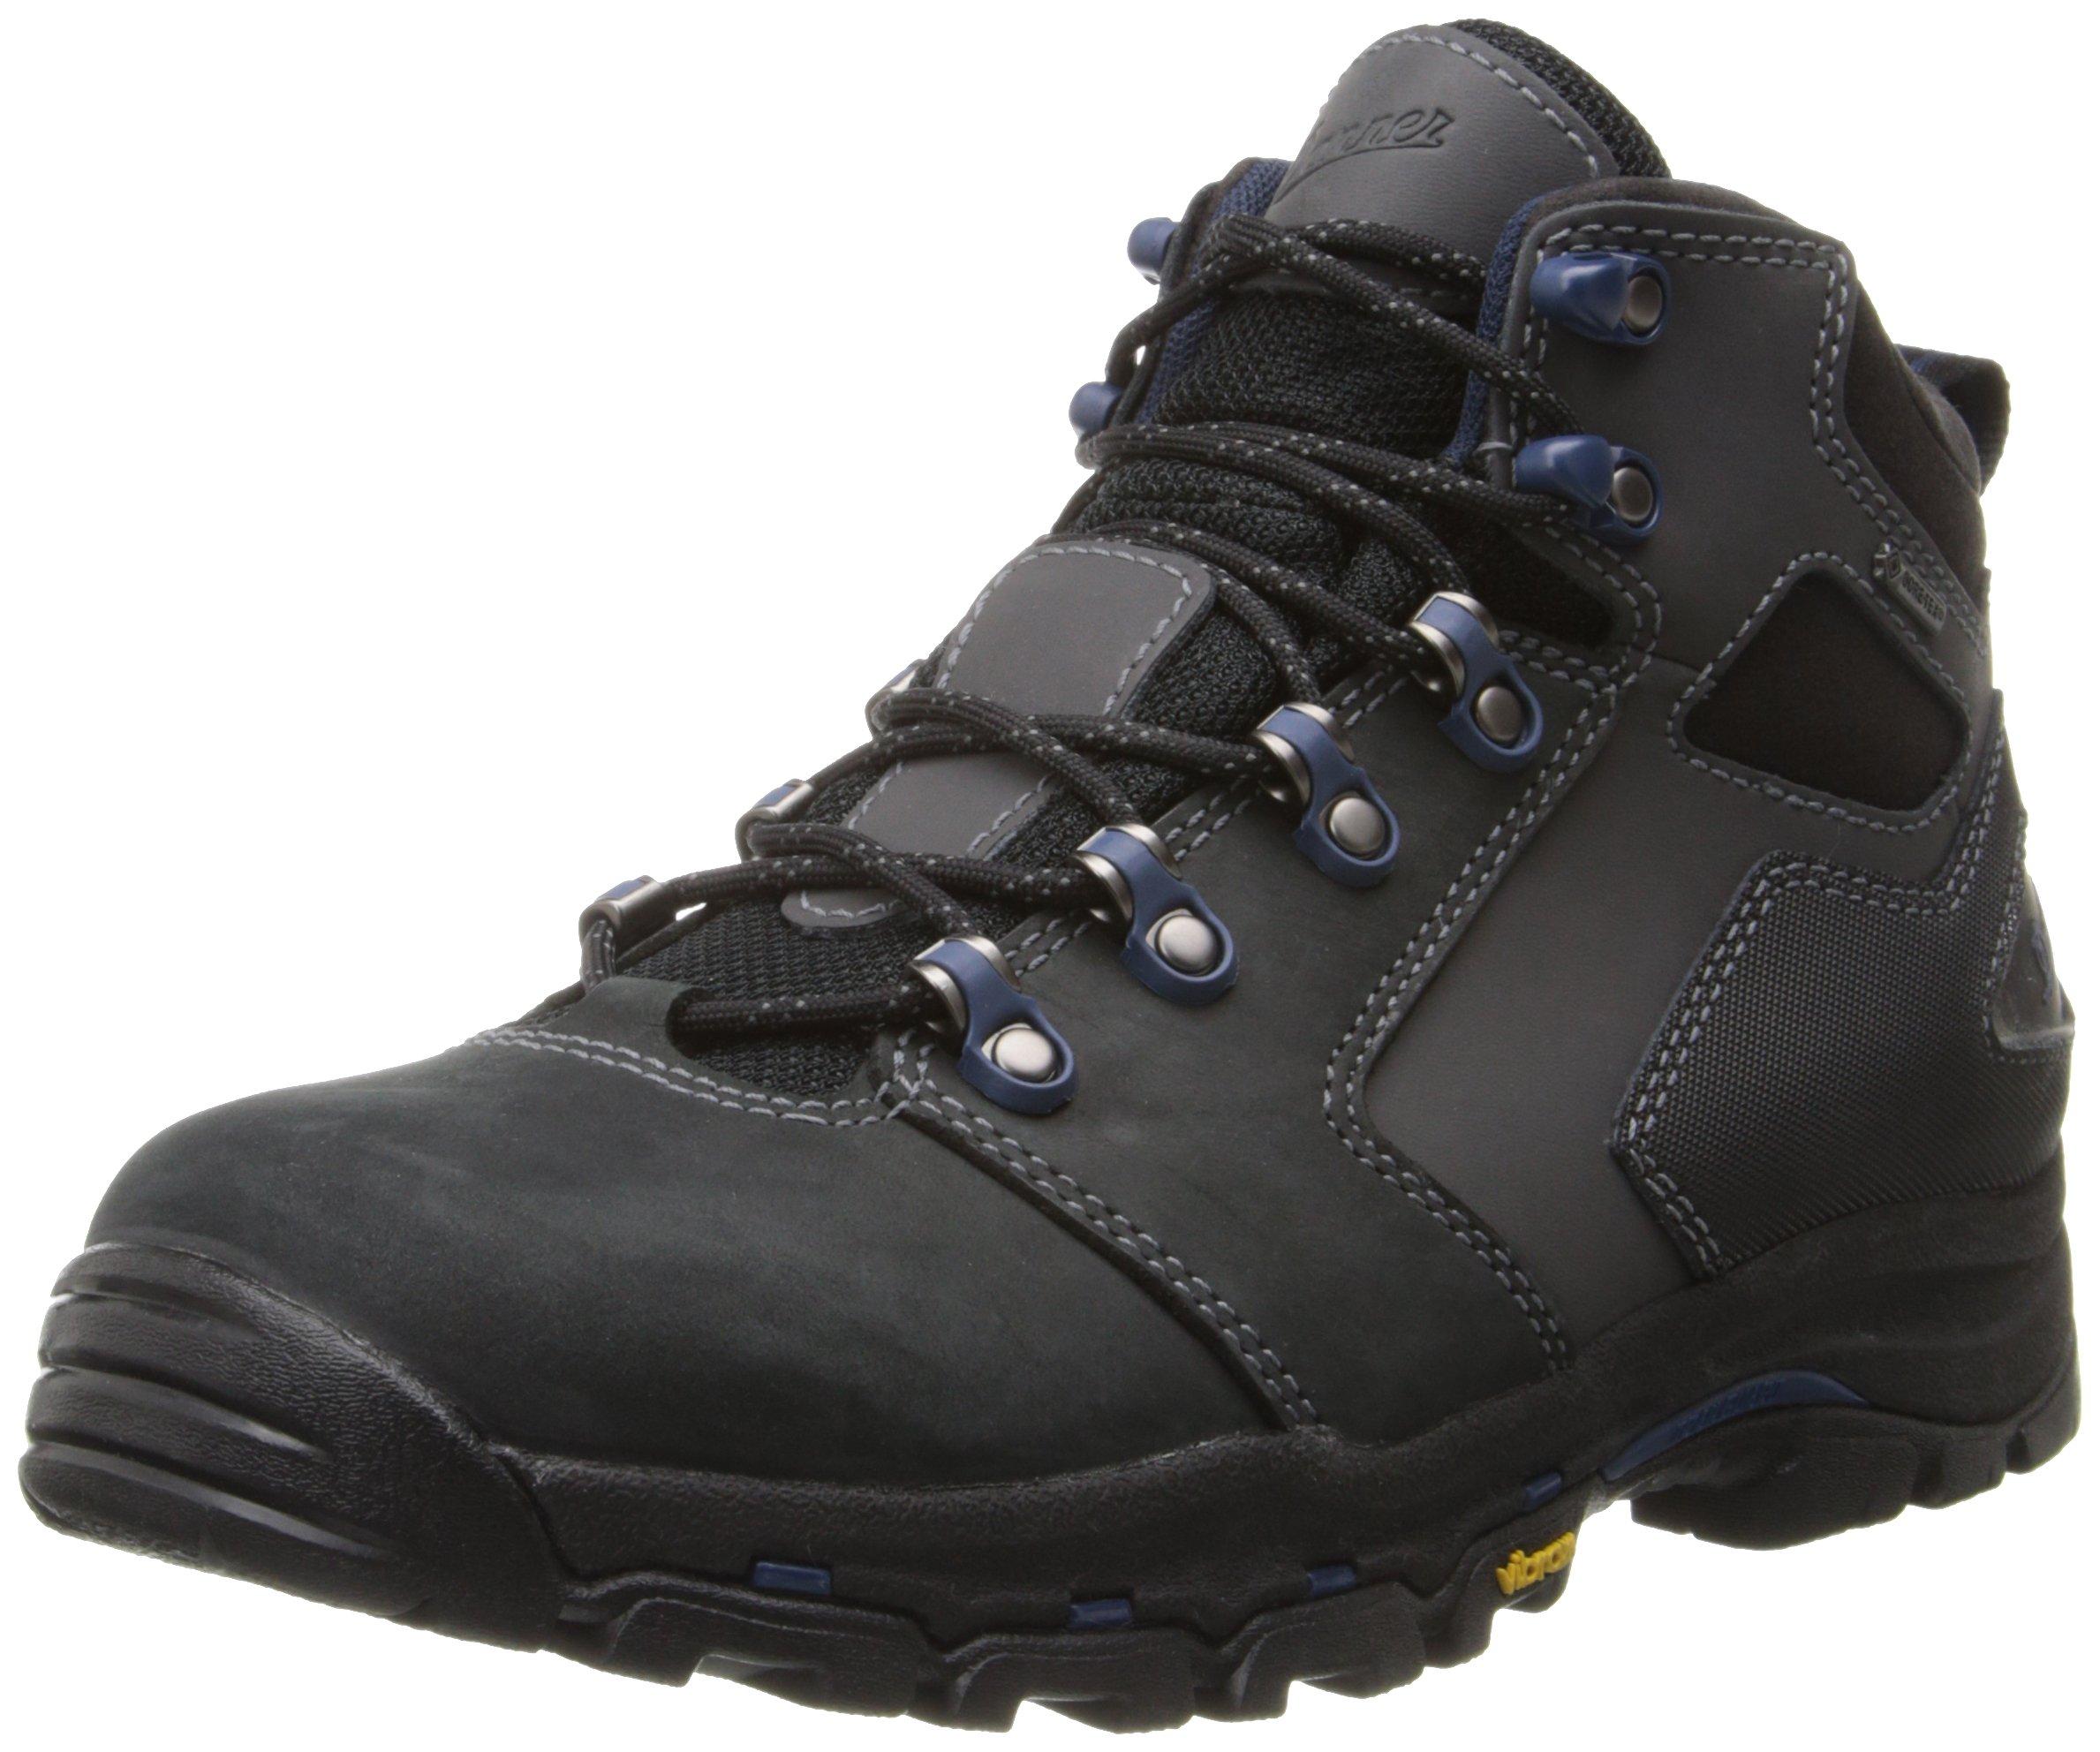 Danner Men's Vicious 4.5 Inch Work Boot